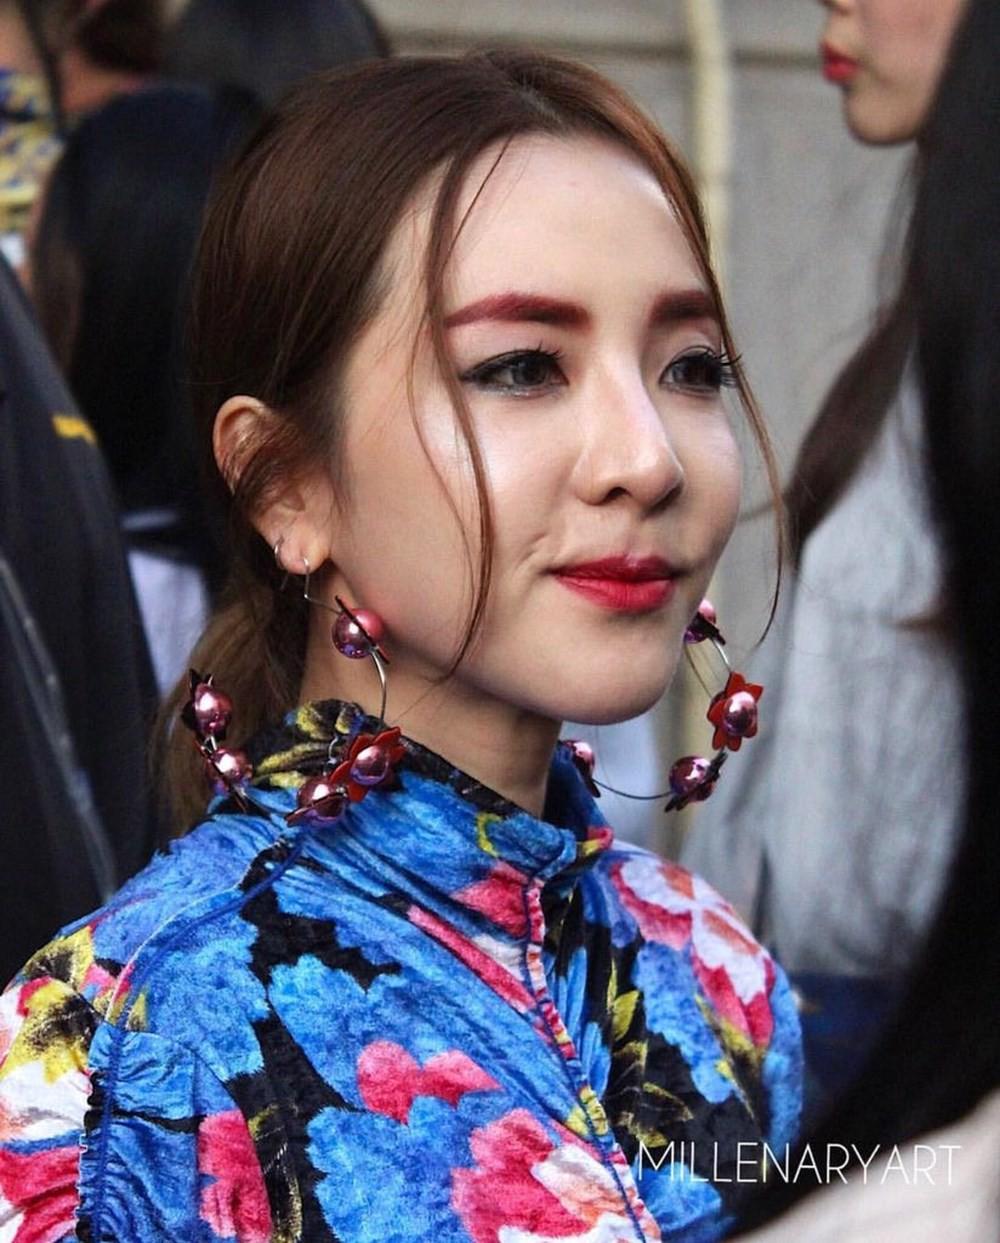 Top khoảnh khắc kém sắc gây sốc của dàn đại mỹ nhân năm 2018: Park Min Young, Nhiệt Ba phải chào thua mỹ nhân này? - Ảnh 2.